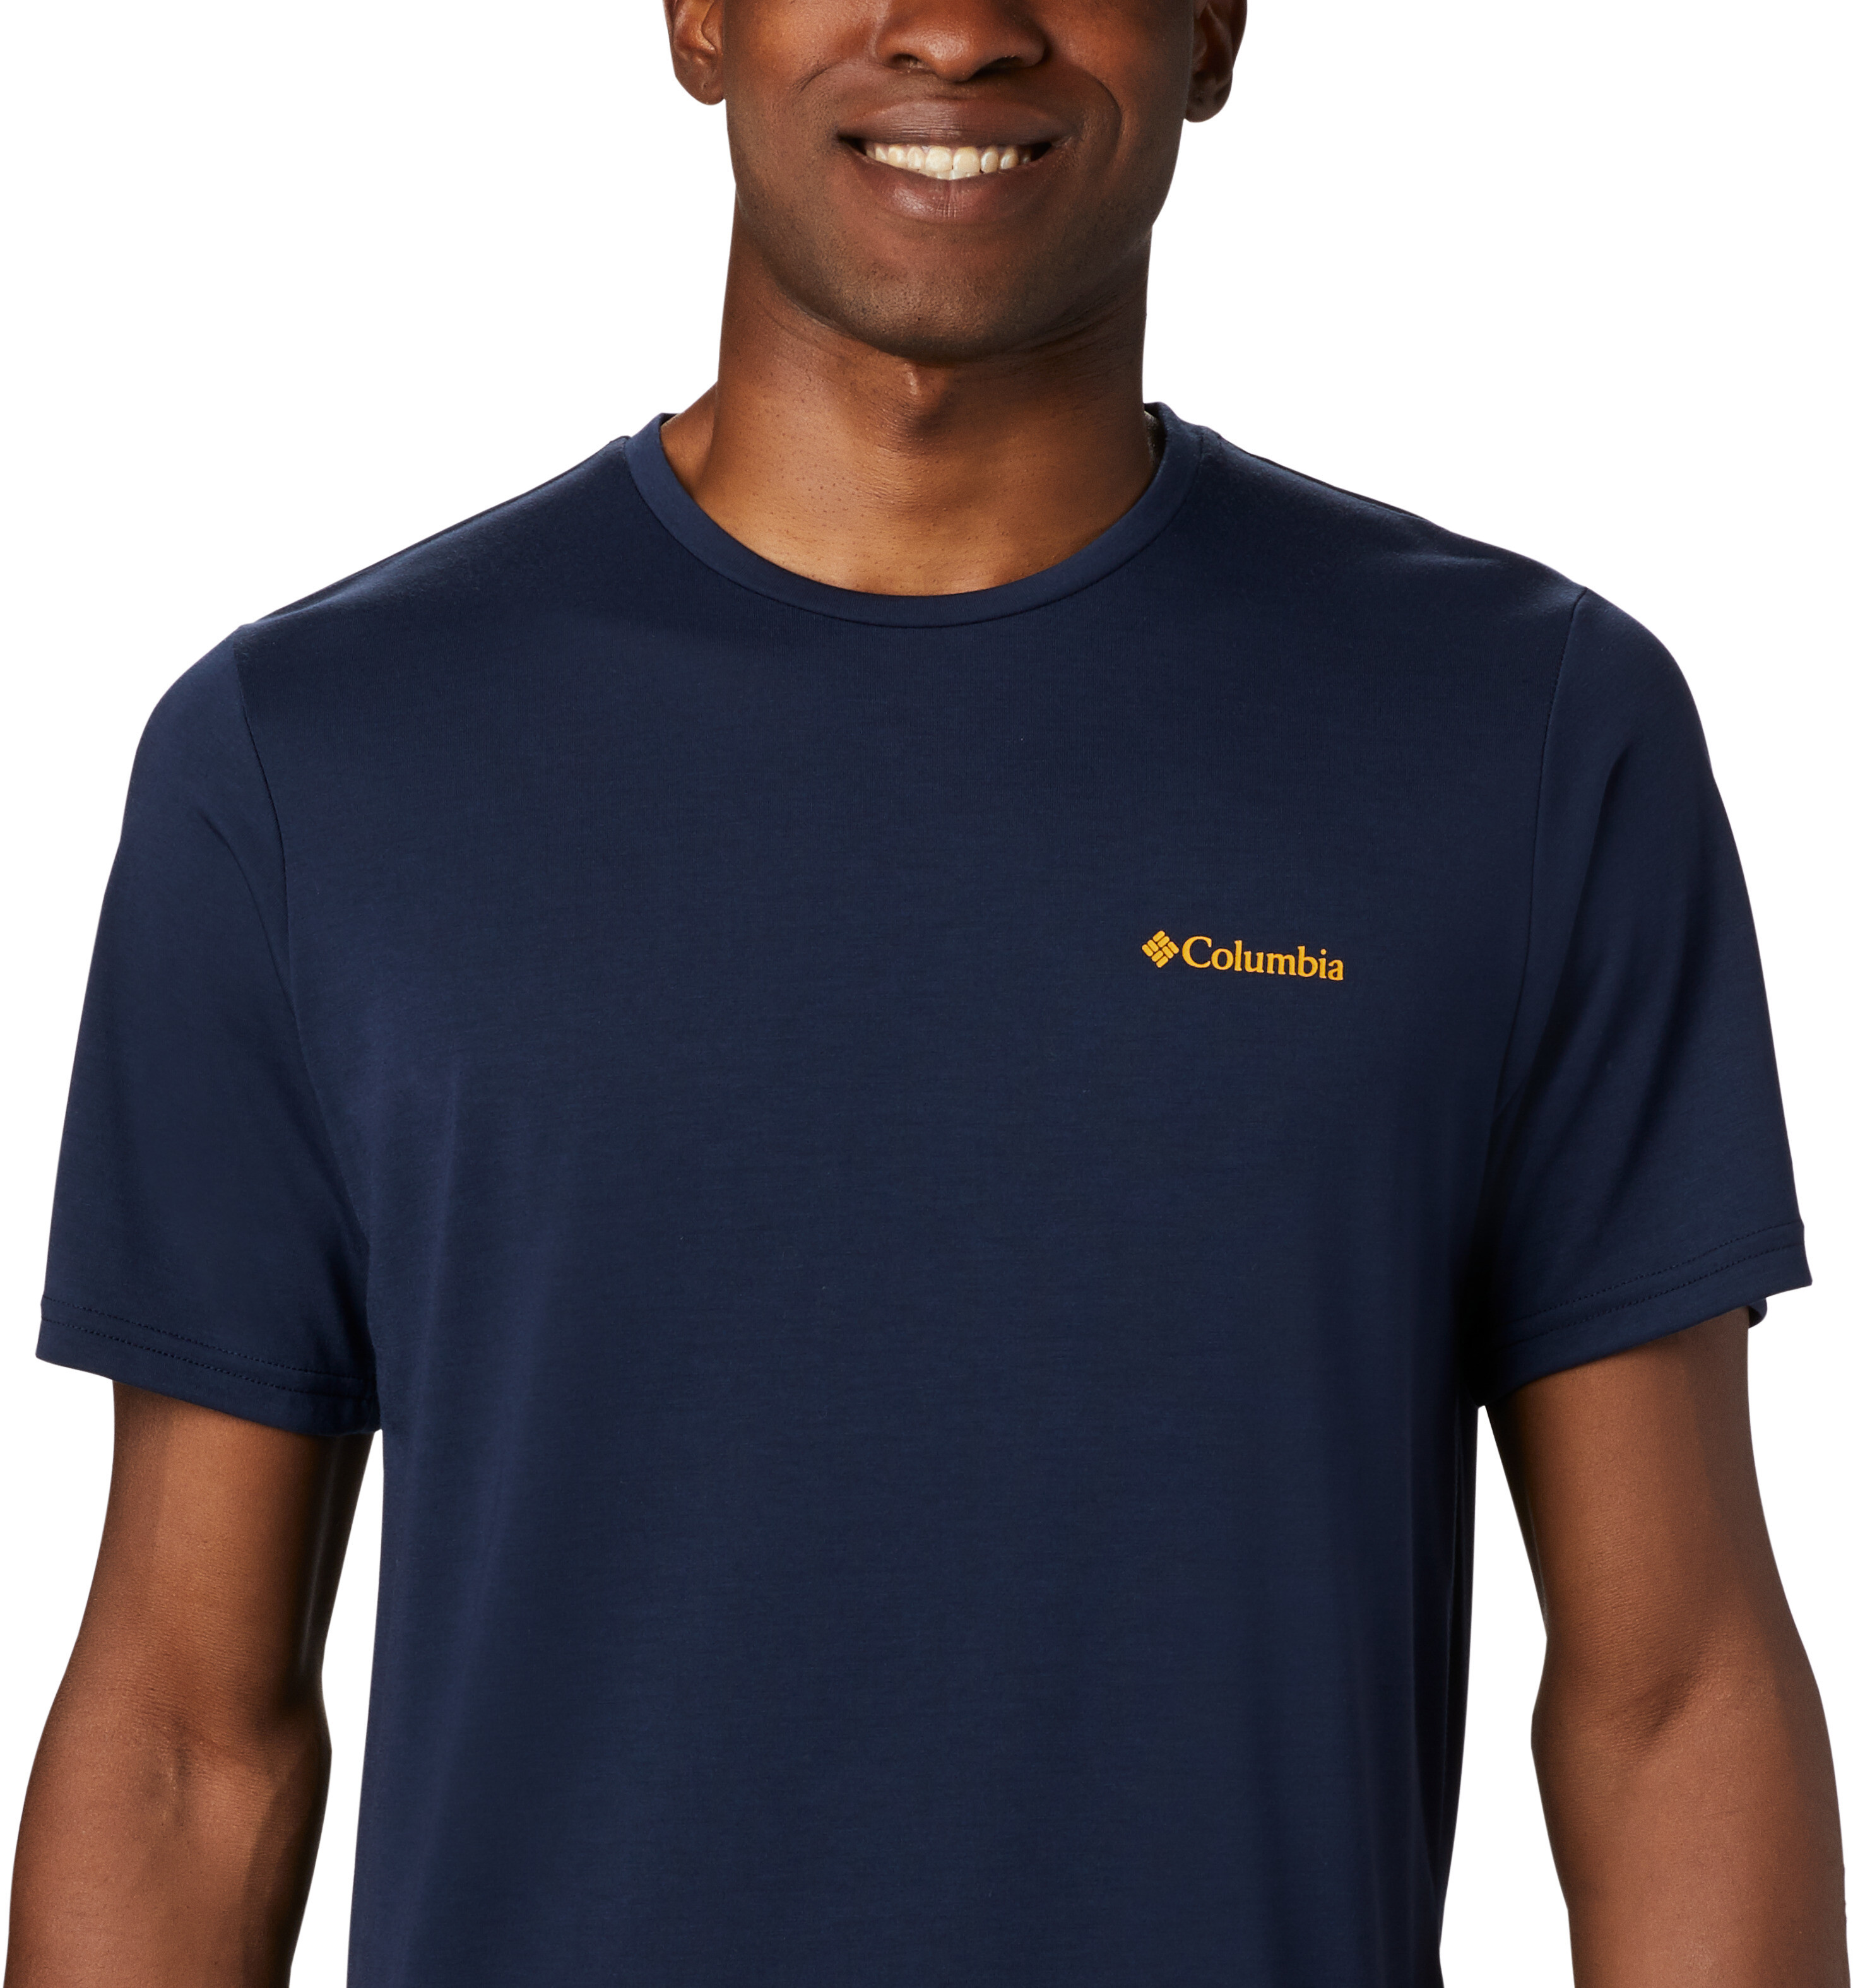 Columbia Maxtrail Logo Koszulka z krótkim rękawem Mężczyźni, collegiate navy (2020)